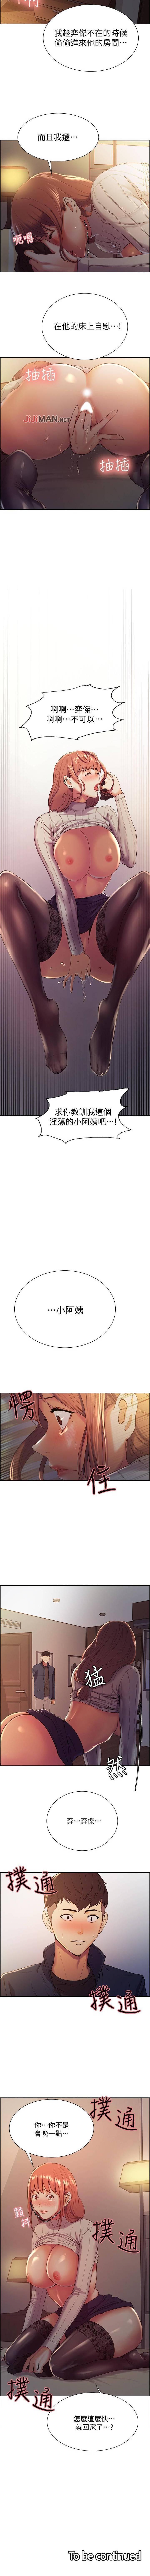 【周二连载】室友招募中(作者:Serious) 第1~15话 51